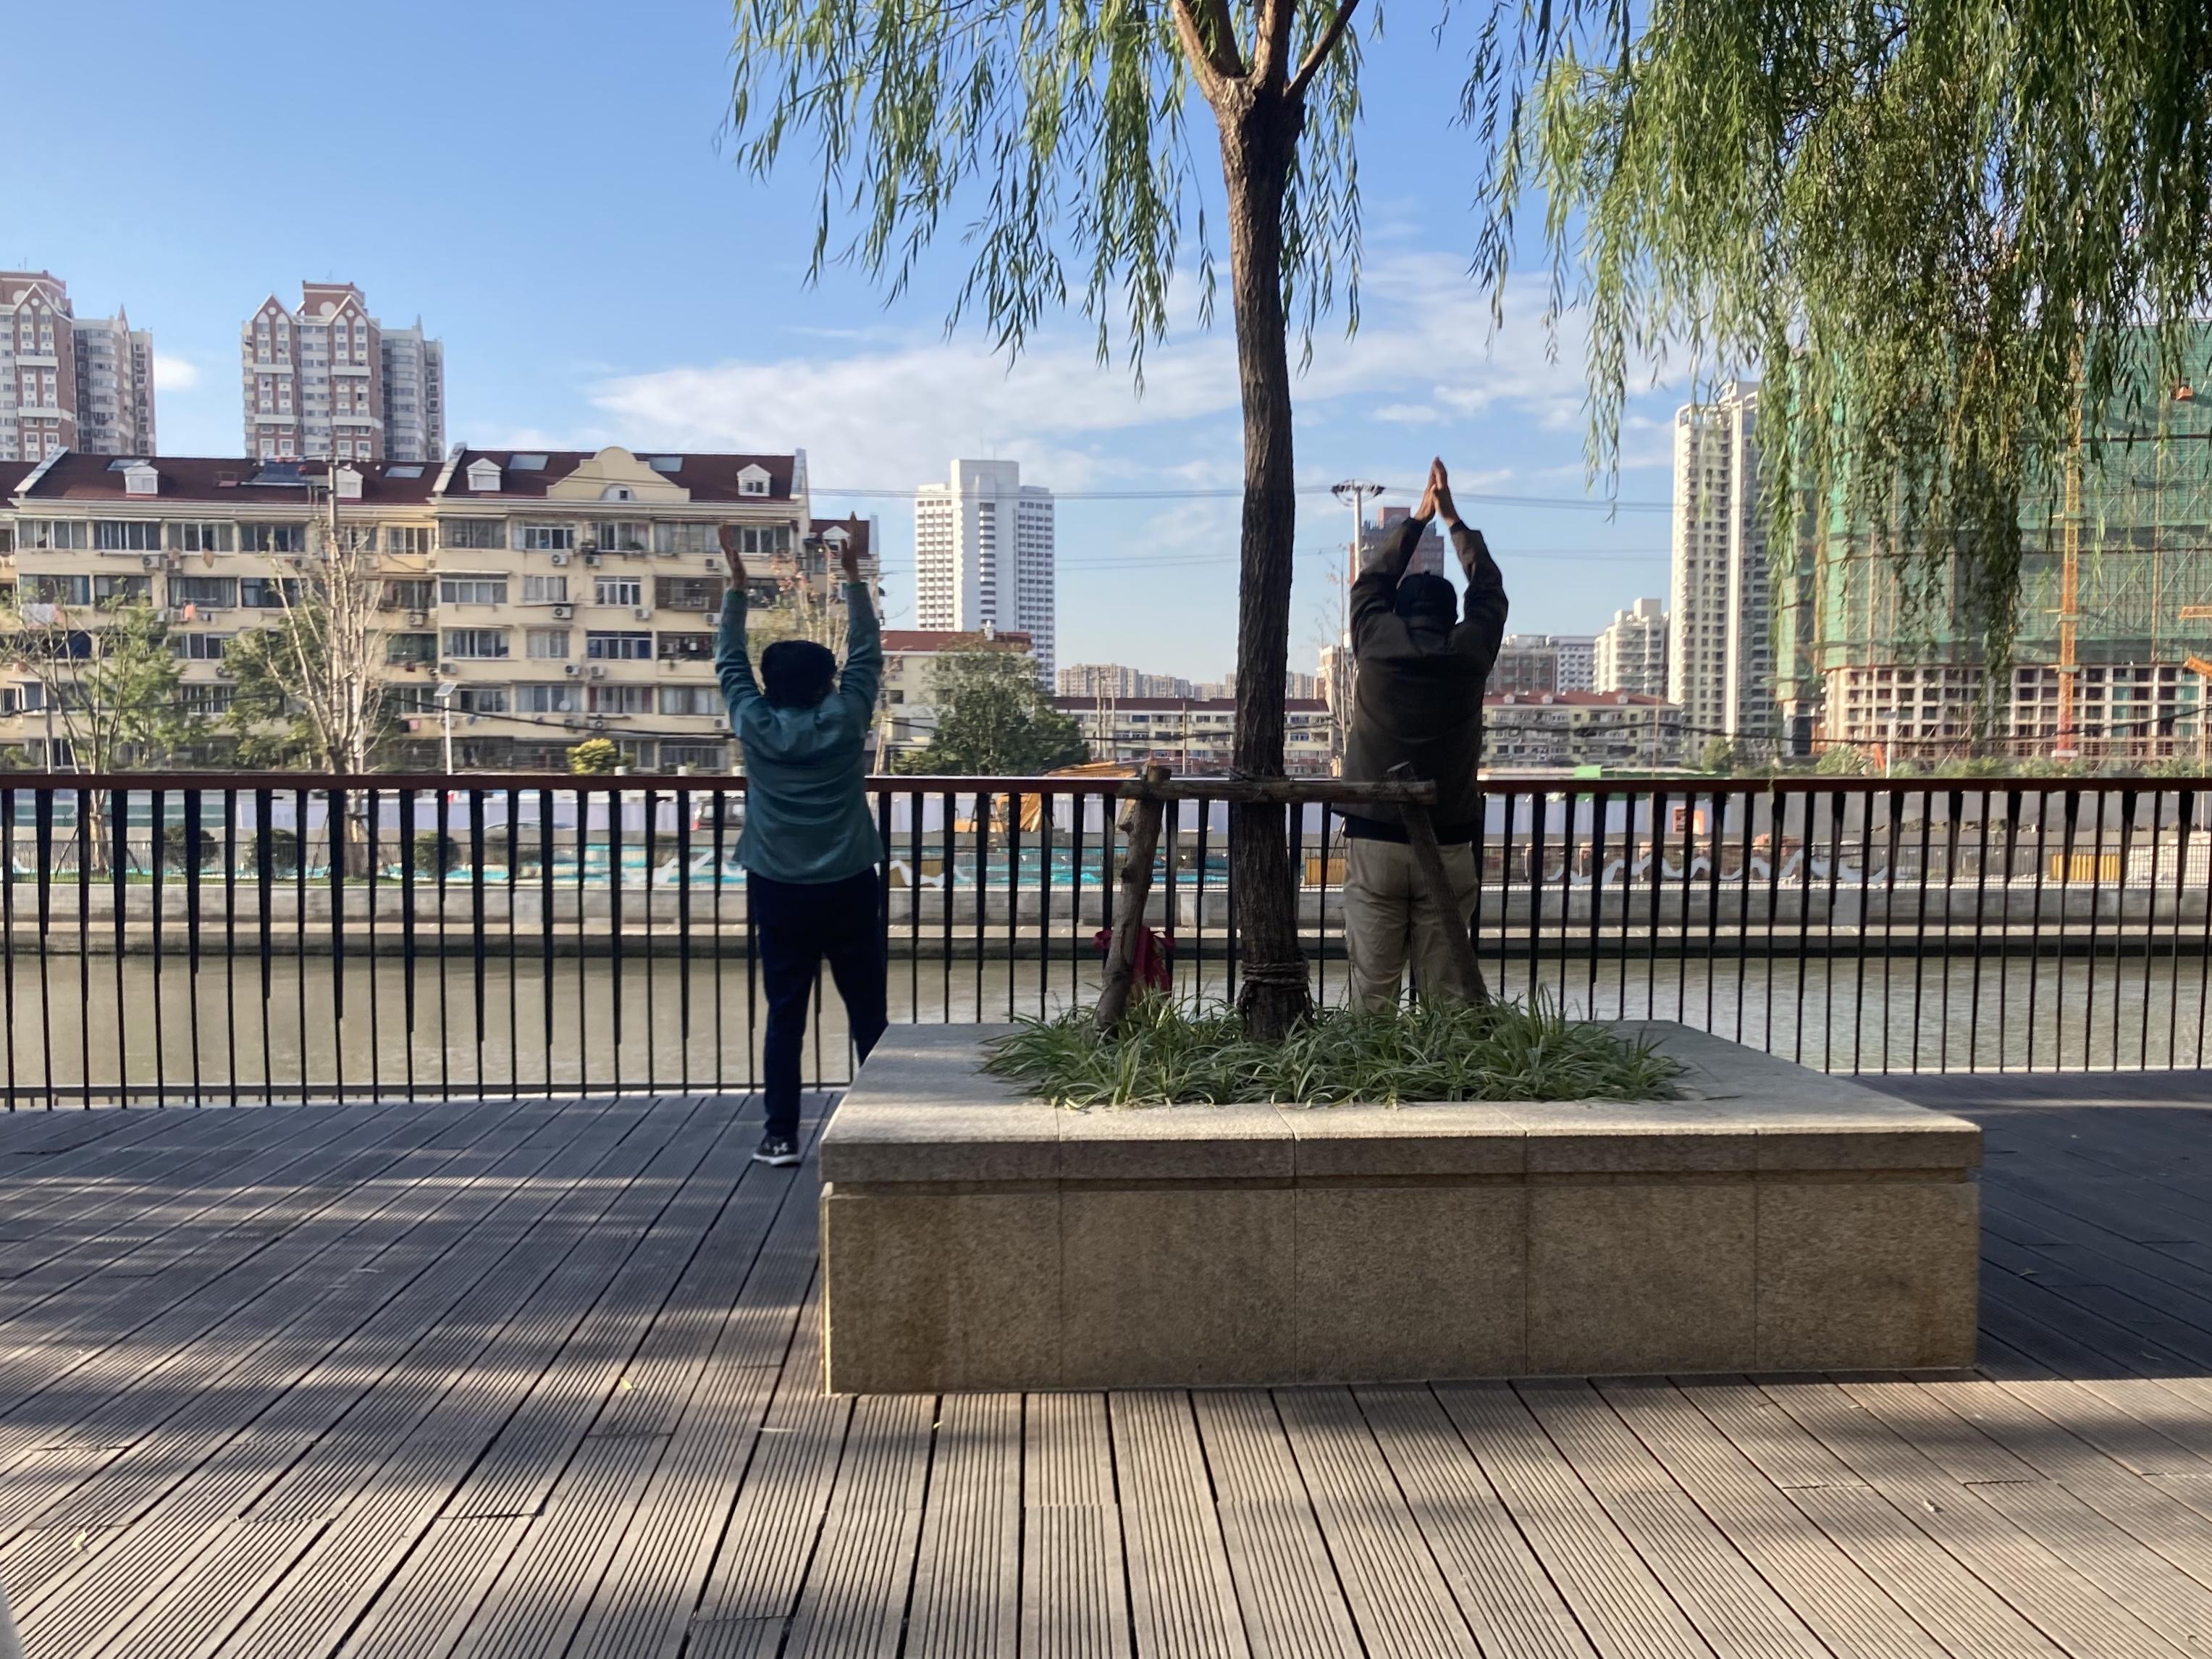 在武宁路桥附近的步道上健身的居民。 澎湃新闻记者 沈健文 摄